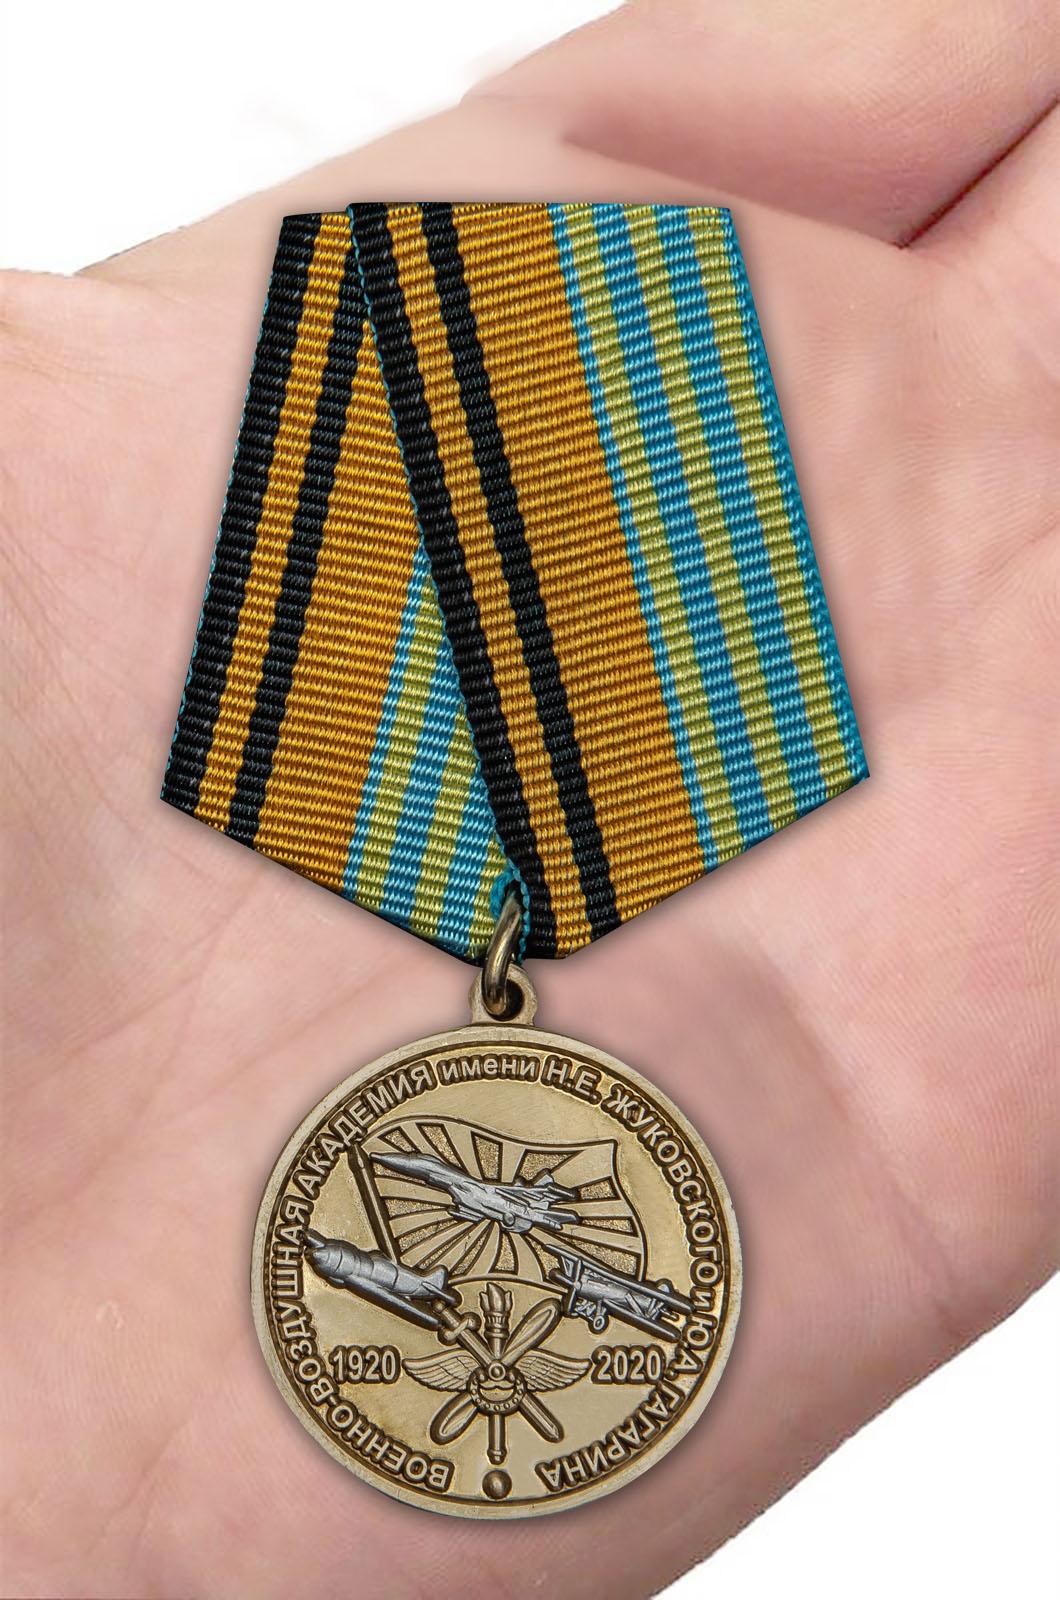 """Заказать медаль """"100 лет Военно-воздушной академии им. Н.Е. Жуковского и Ю.А. Гагарина"""""""